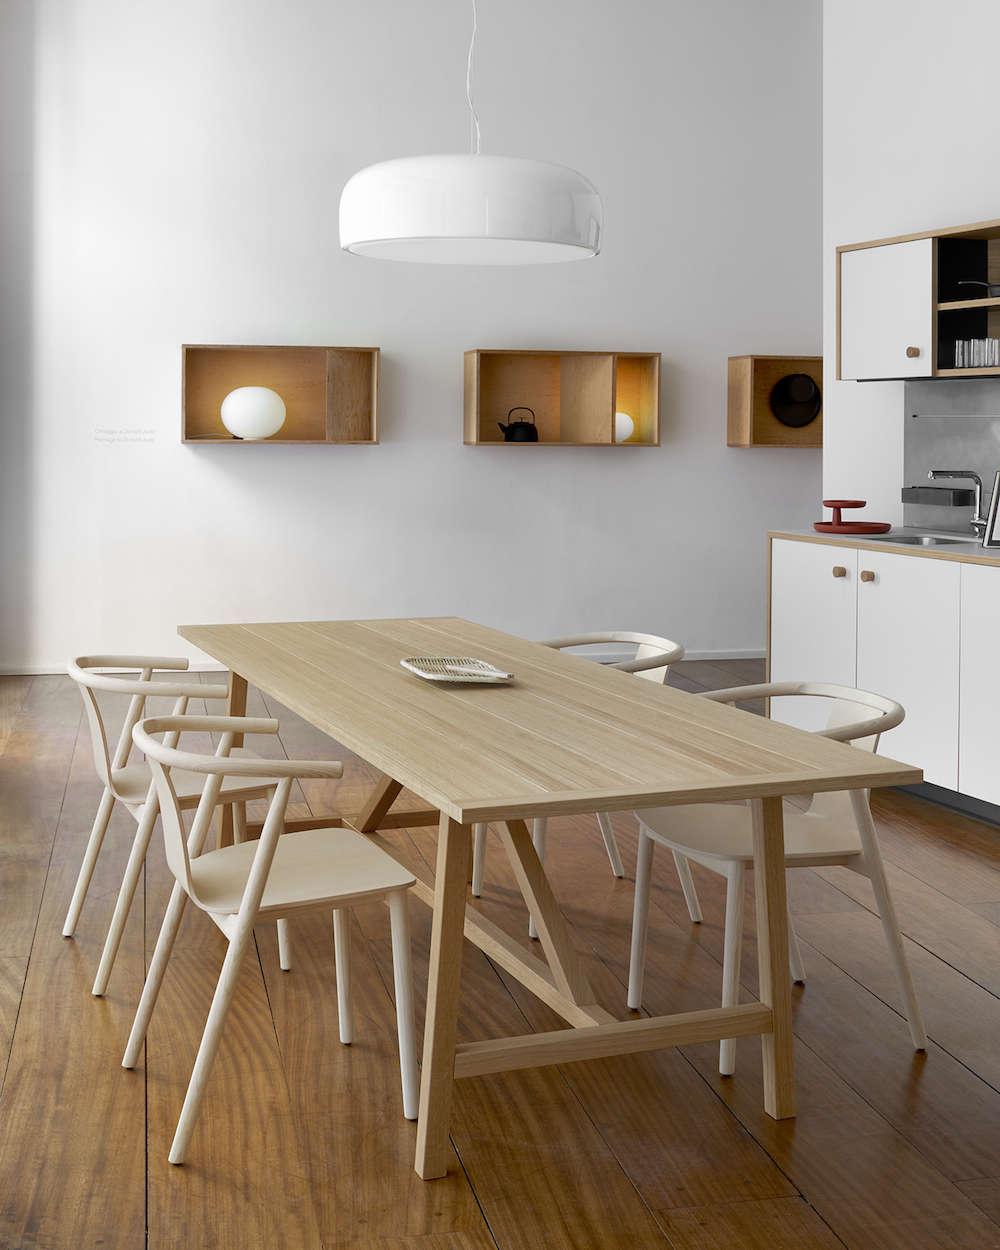 jasper morrison schiffini kitchen remodelista 1 16